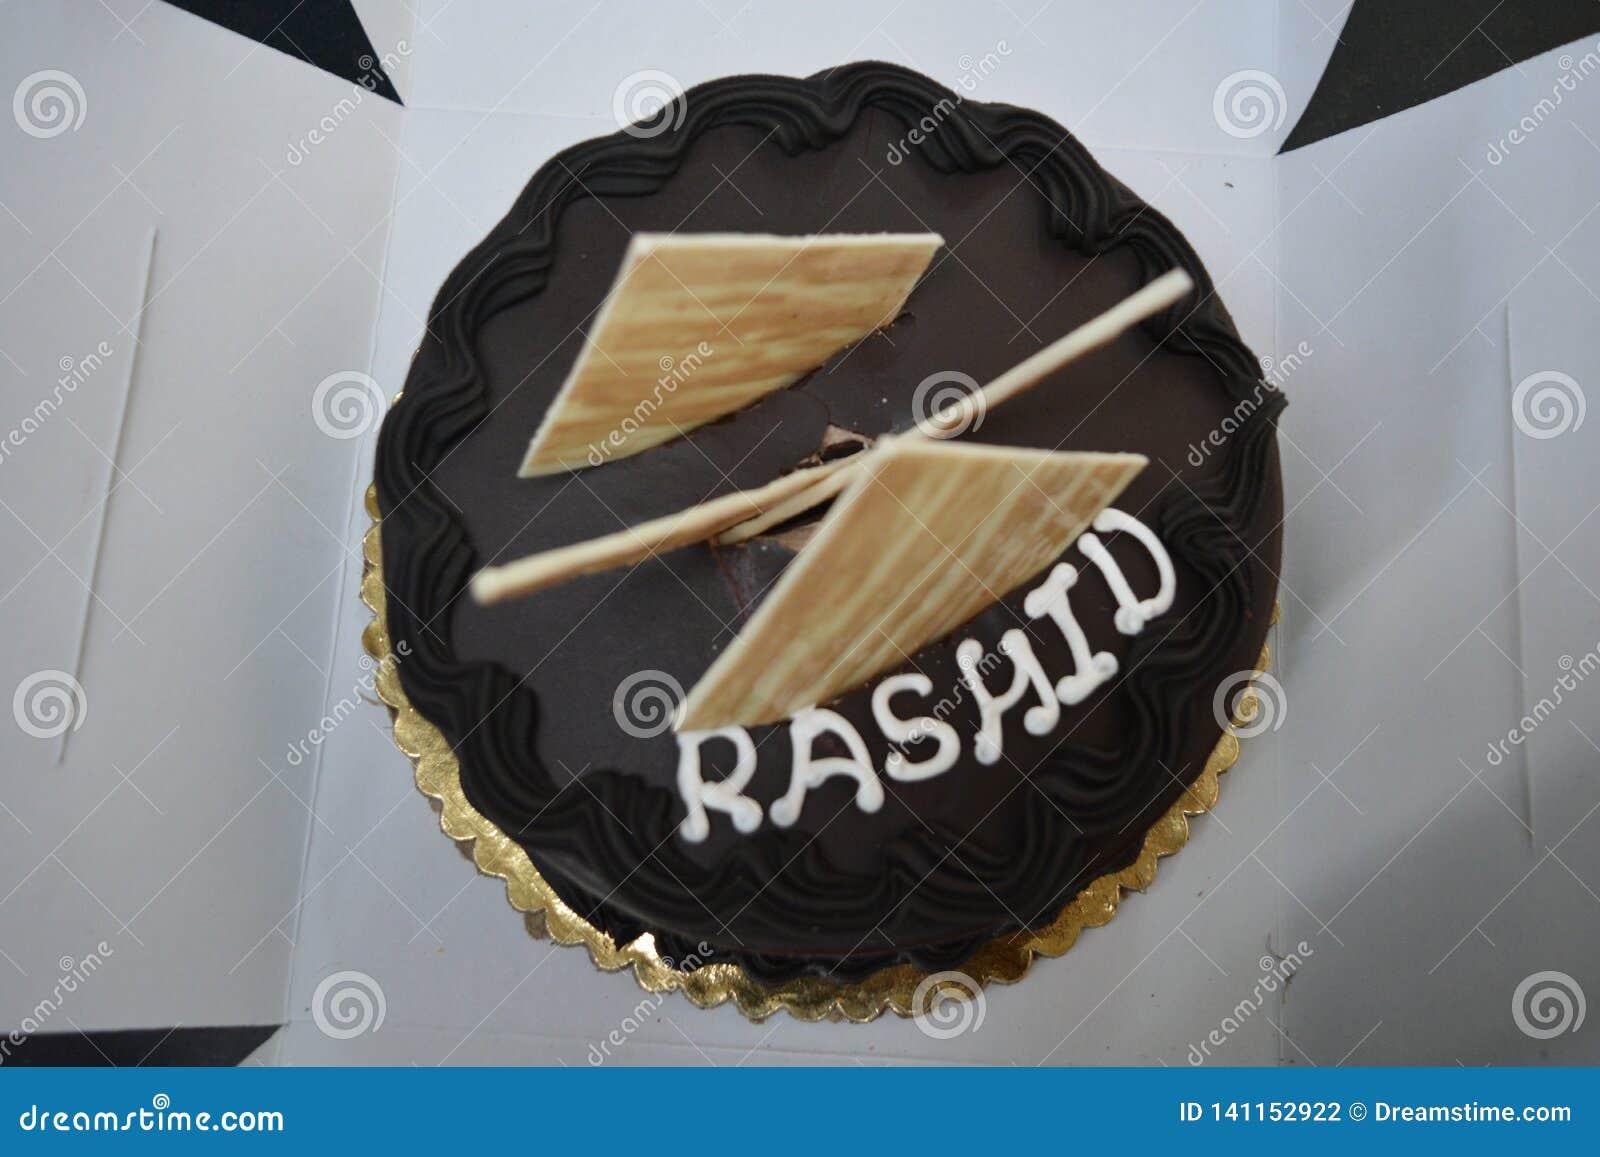 Urodzinowy tort z imię Rashid